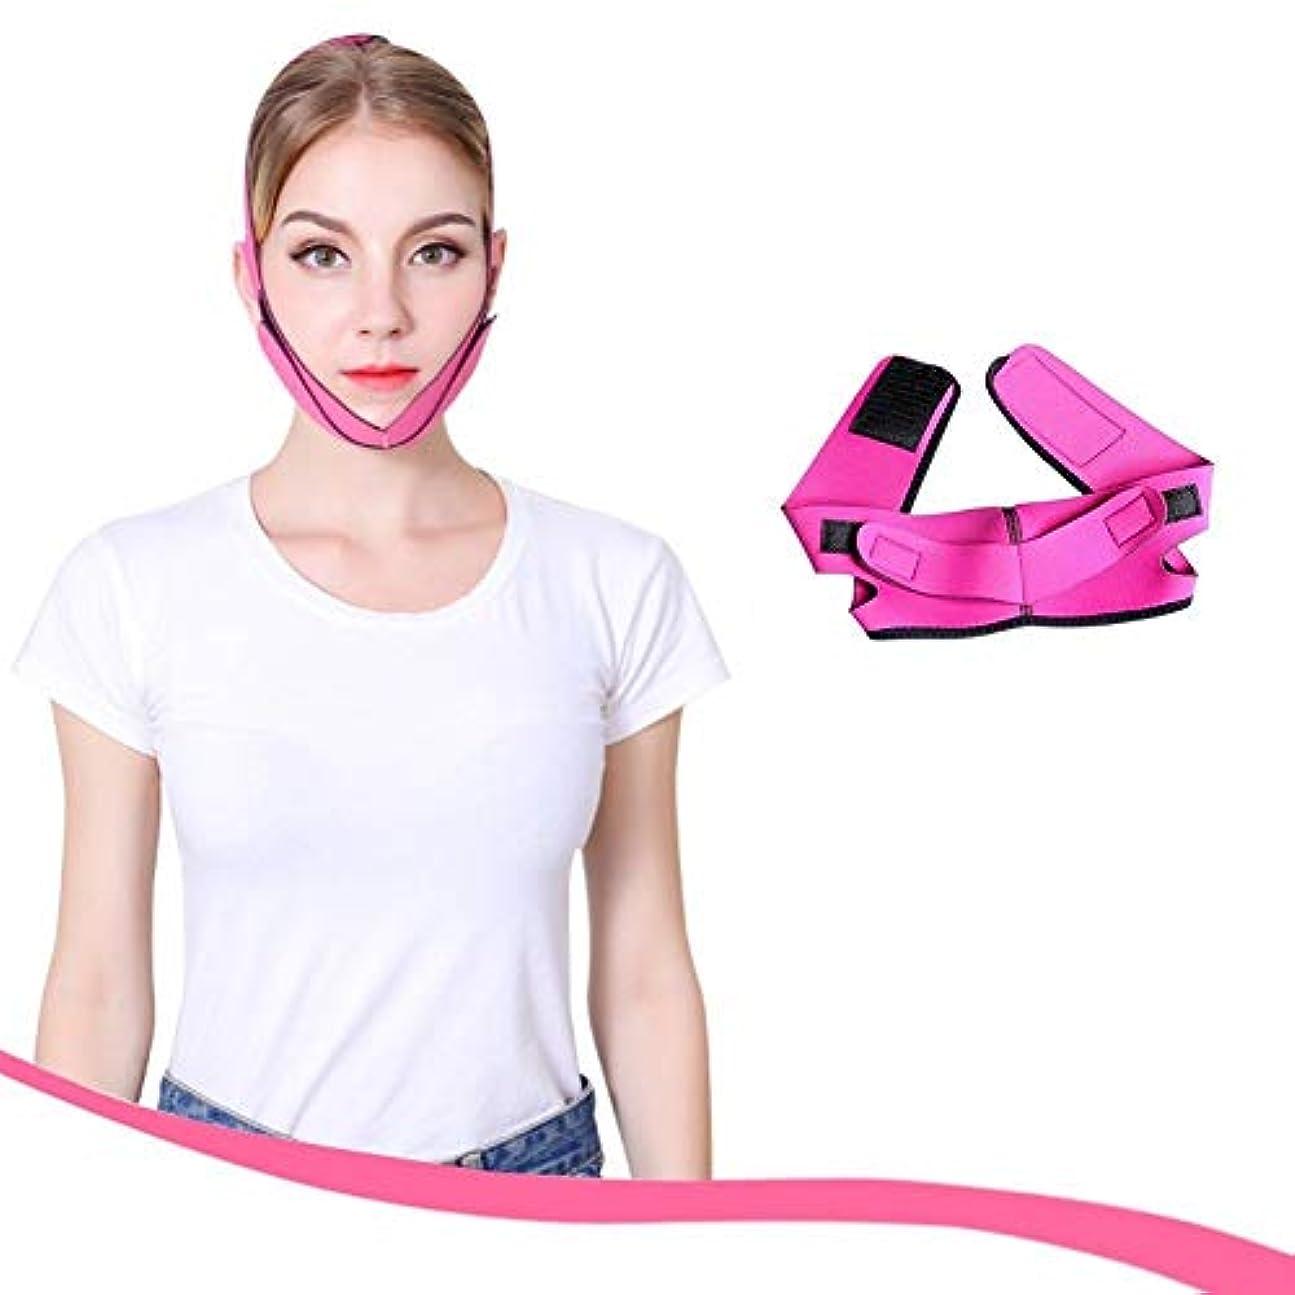 暫定の常習的思いやりのあるWSJTT 顔包帯顔スリムは二重あごをなくす女性と女の子のためのベルトフェイスマッサージツールをリフティングVラインフェイスシェイプチンチークリフトアップアンチリンクルを作成します。